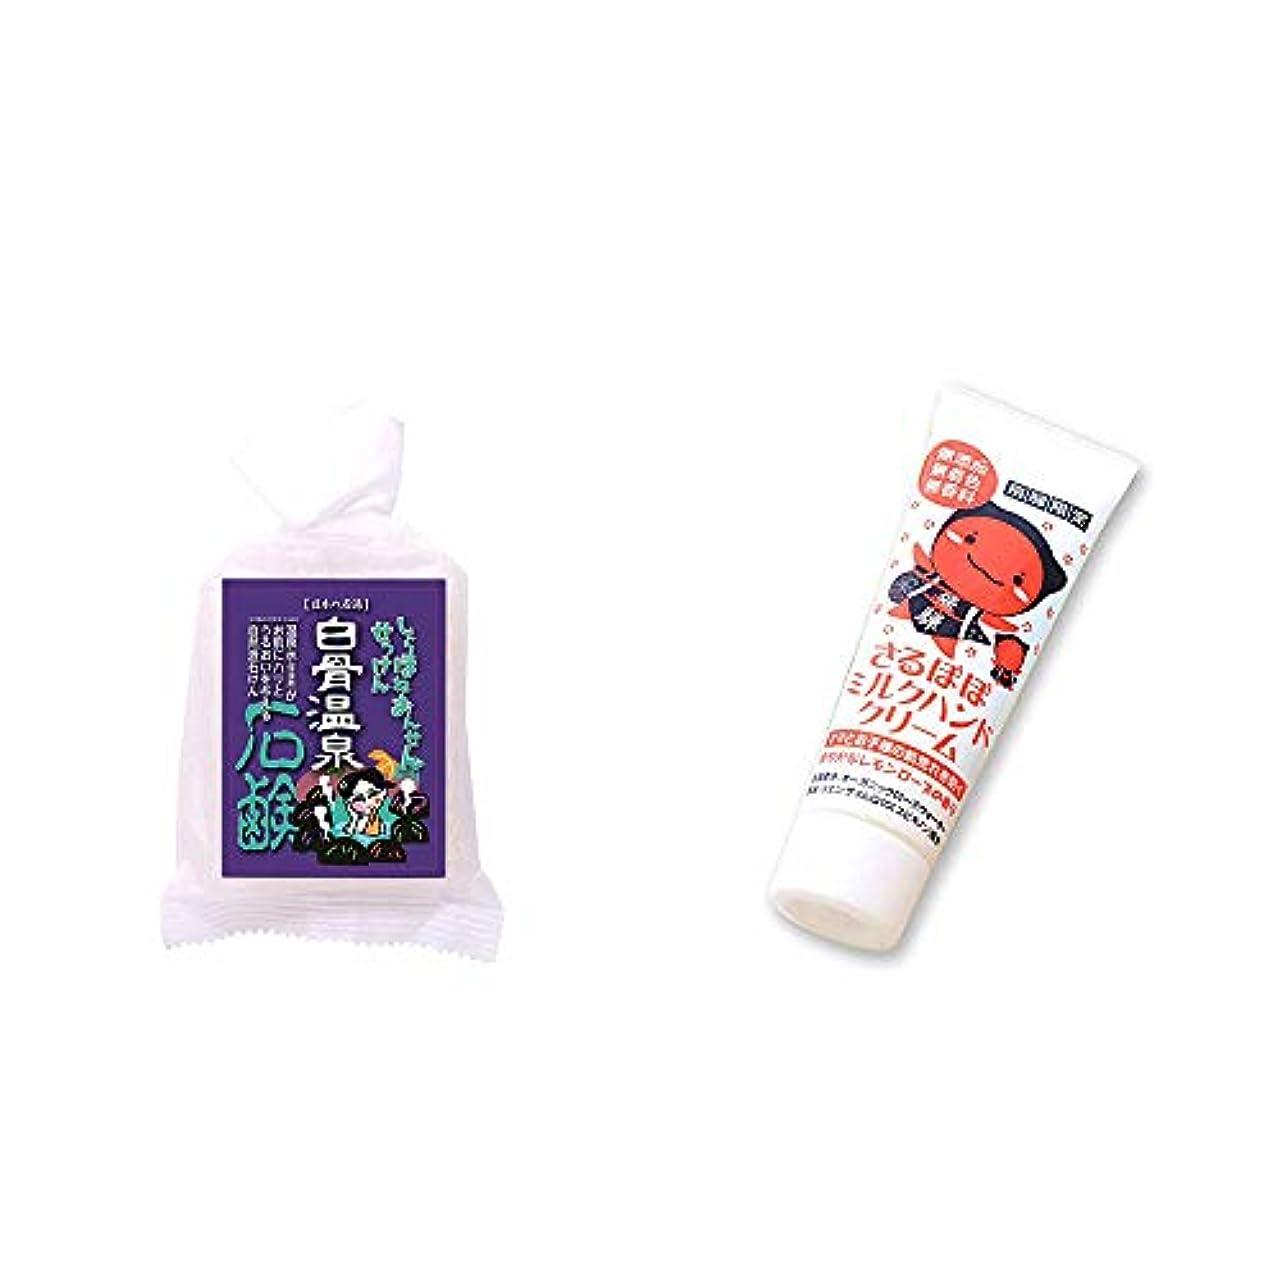 バスト変化潤滑する[2点セット] 信州 白骨温泉石鹸(80g)?さるぼぼ ミルクハンドクリーム(50g)